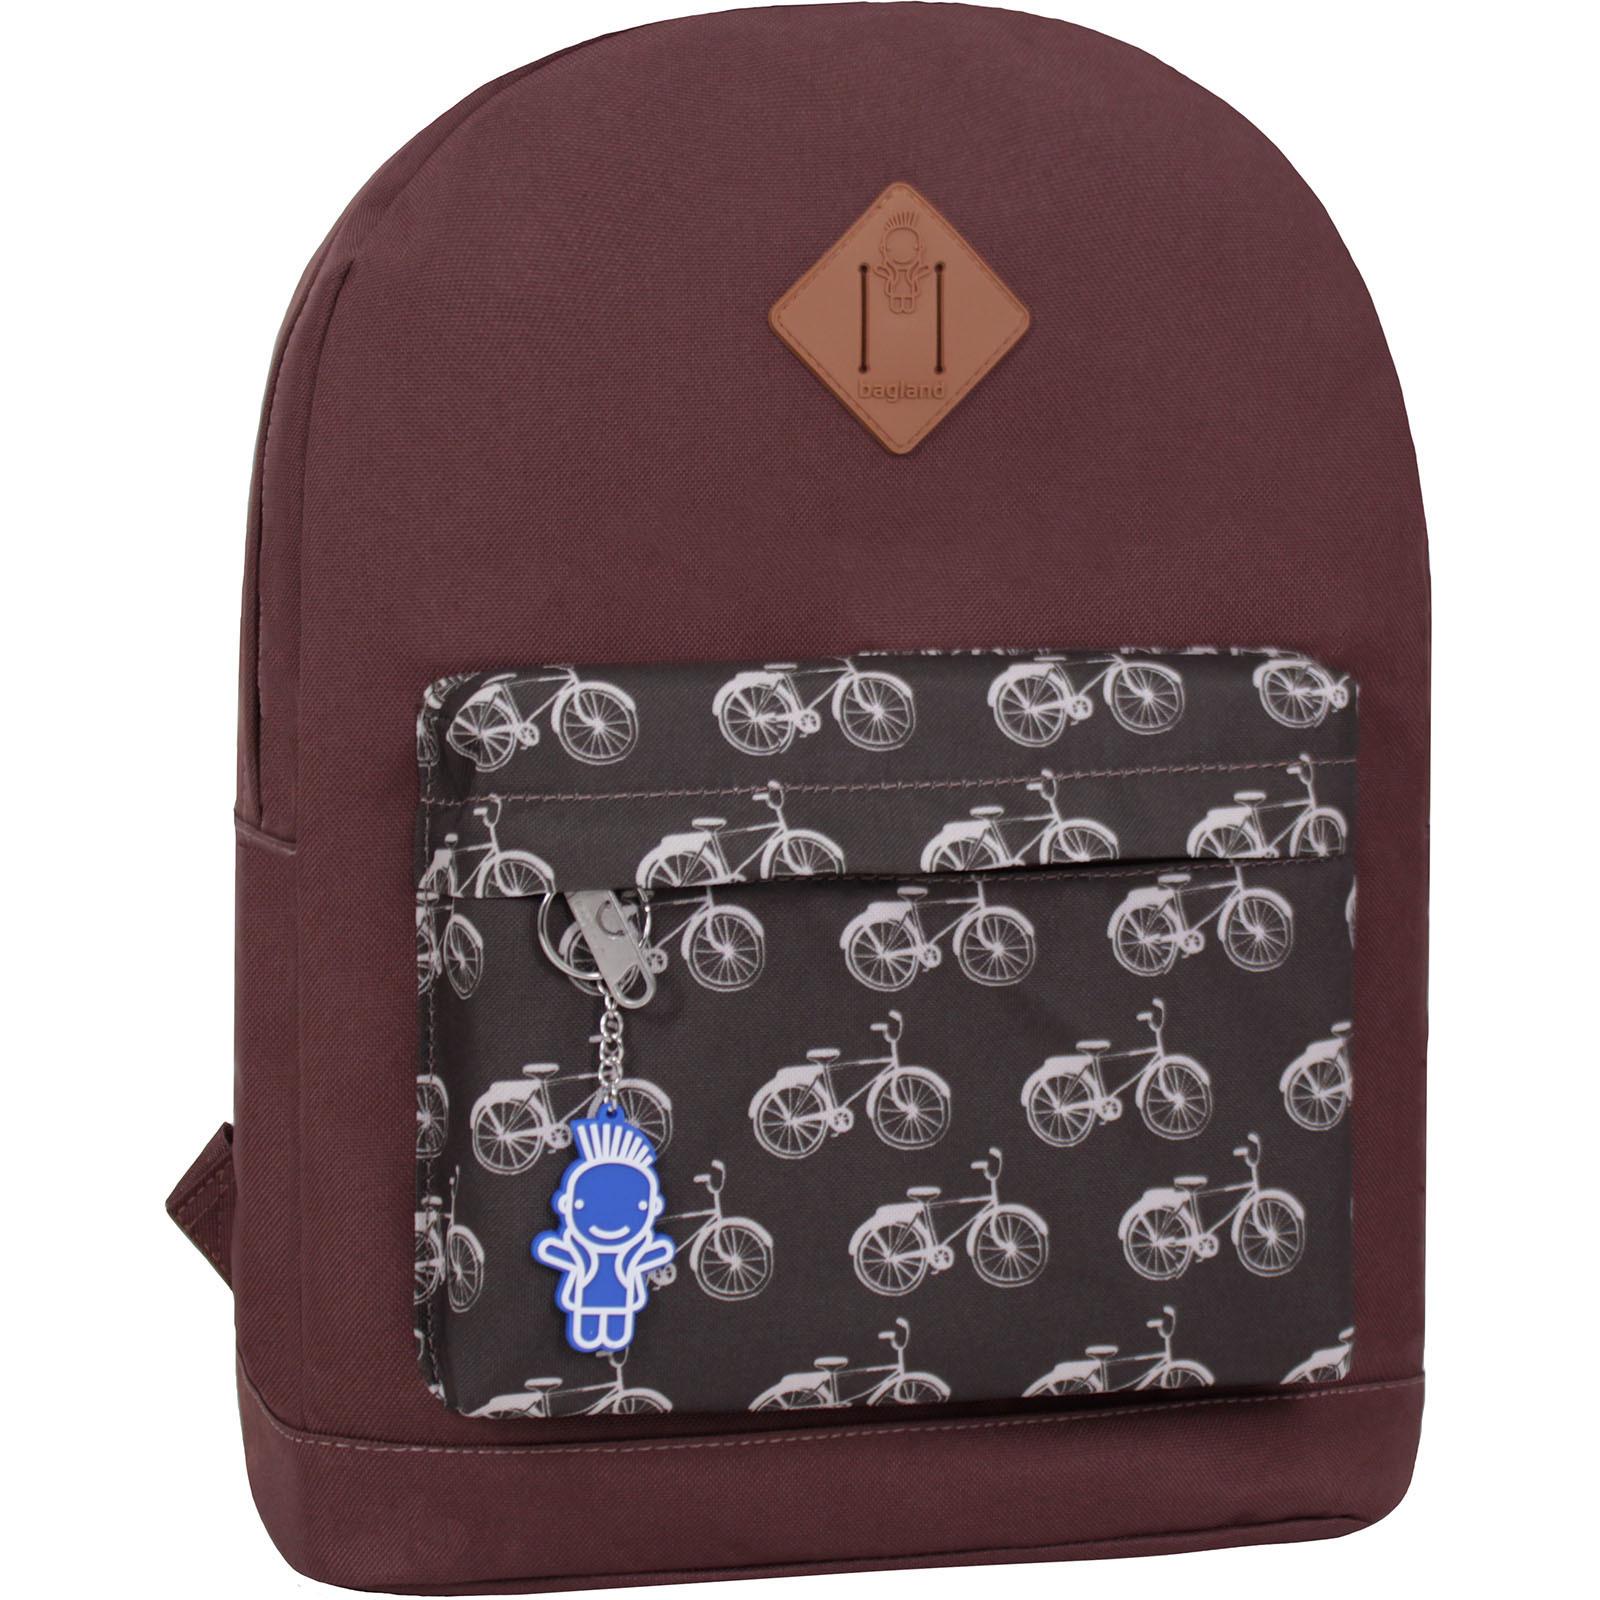 Городские рюкзаки Рюкзак Bagland Молодежный W/R 17 л. коричневый 461 (00533662) IMG_2741_суб.461_.JPG